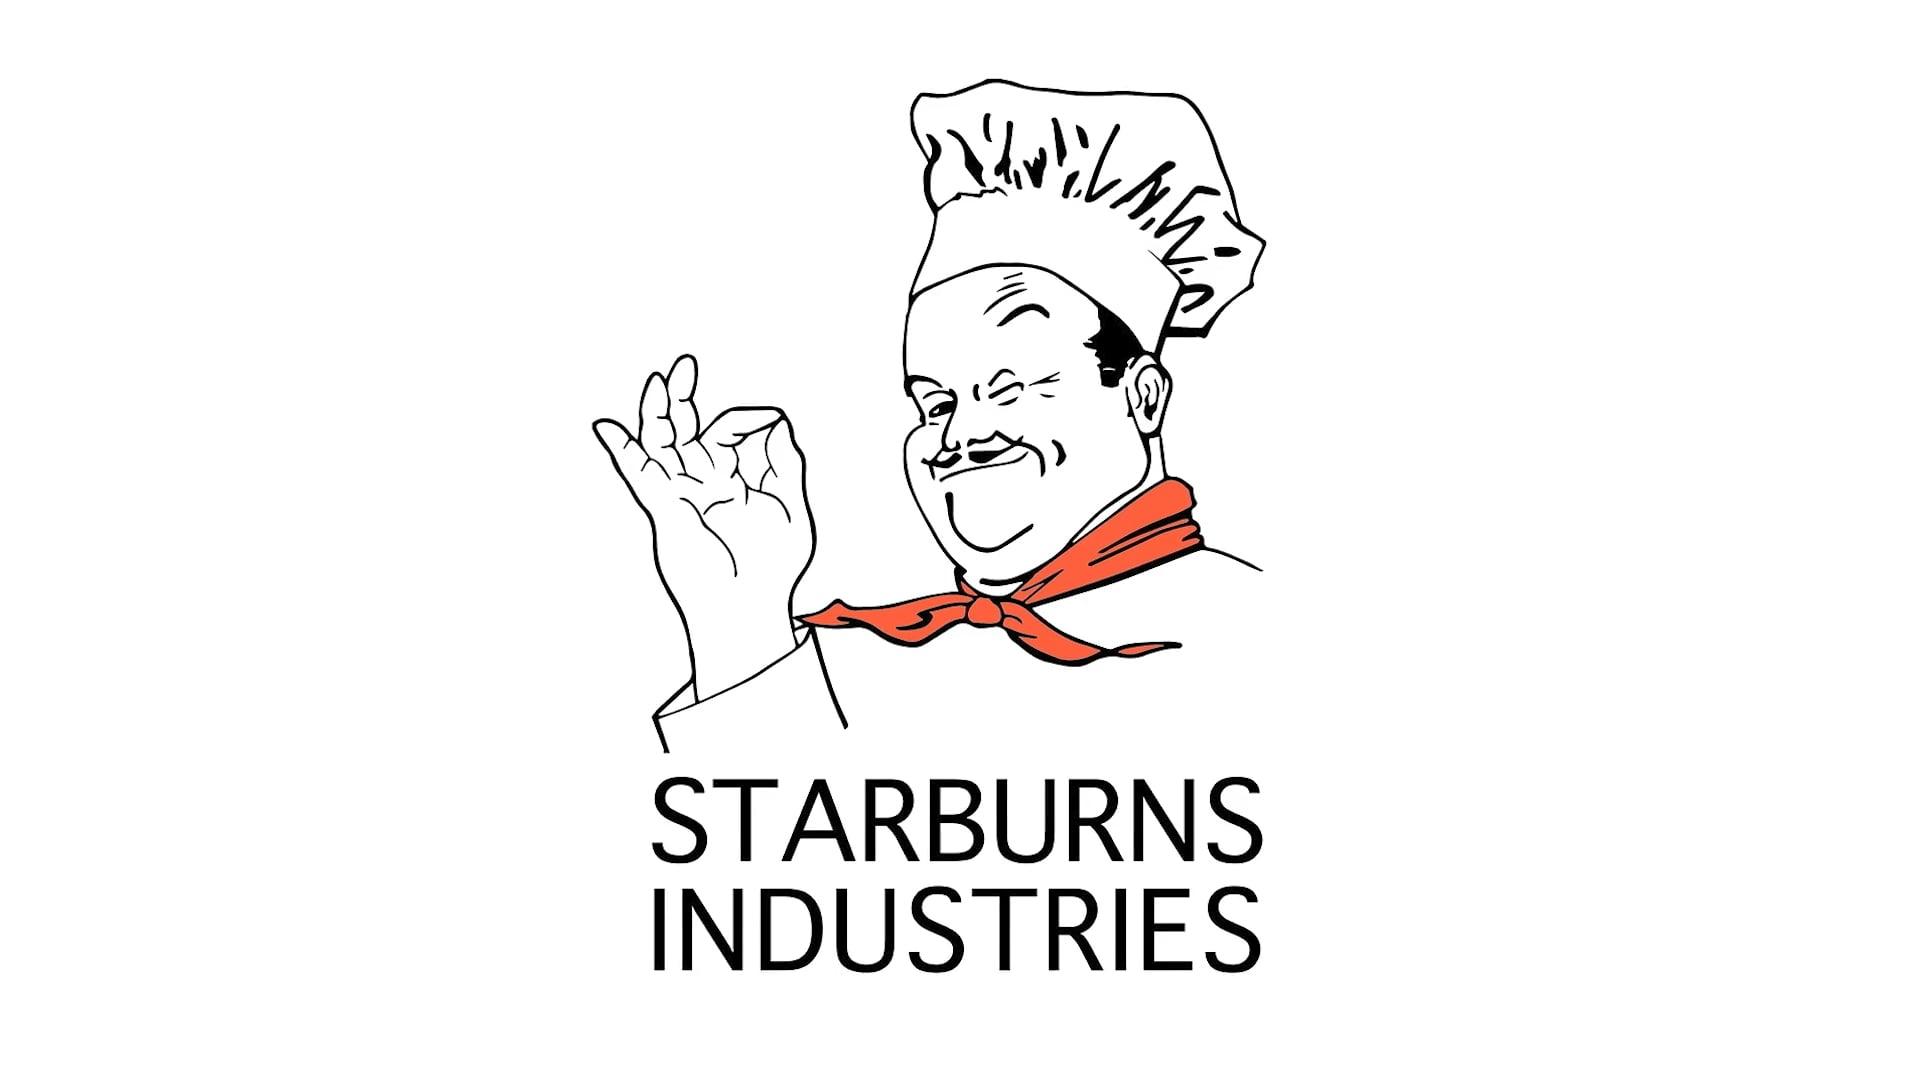 Starburns Industries Reel 2020